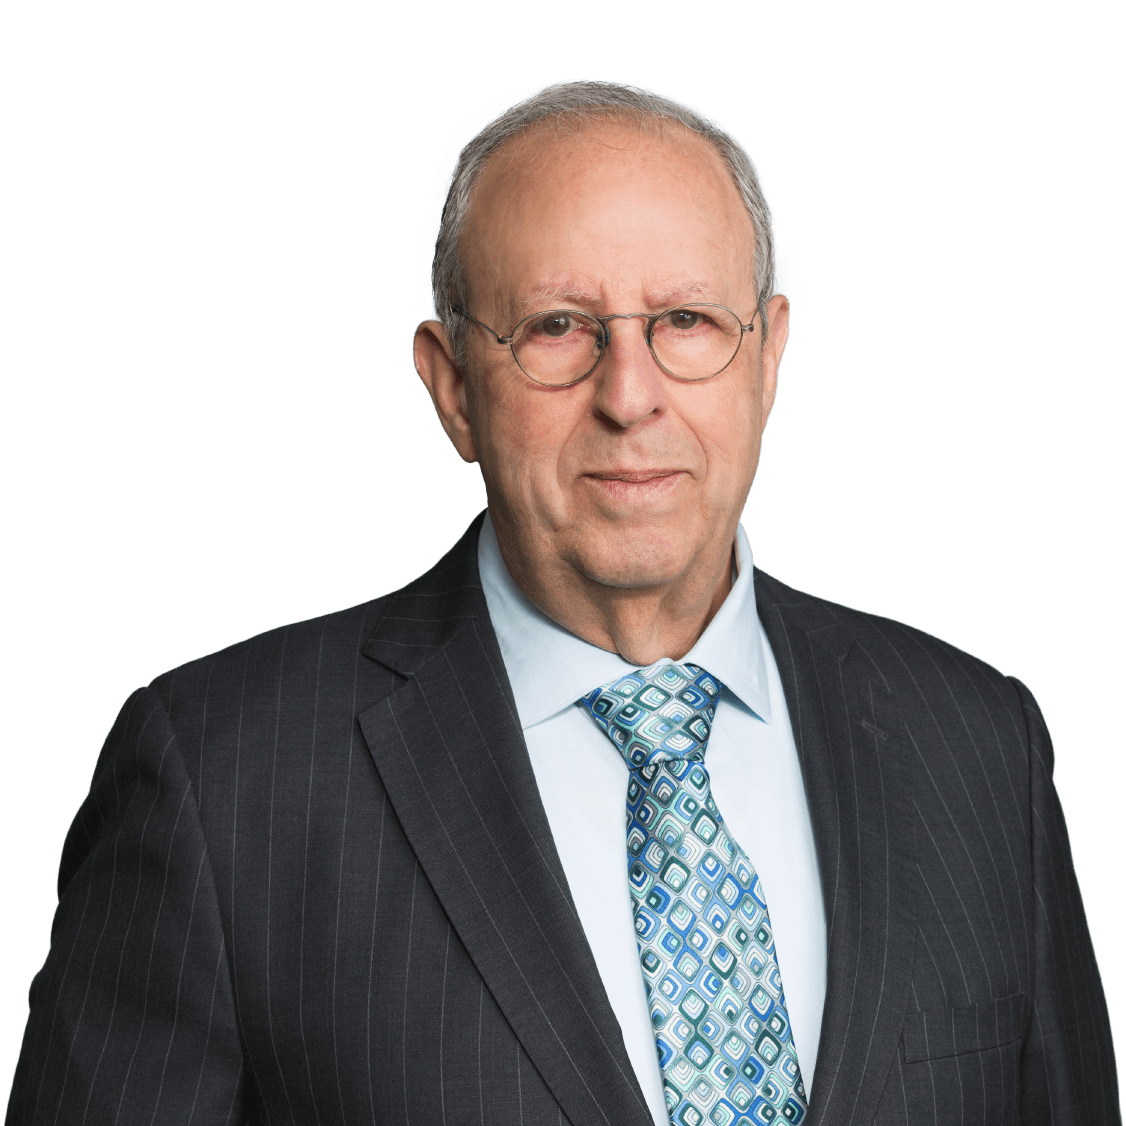 Robert E. Friedman